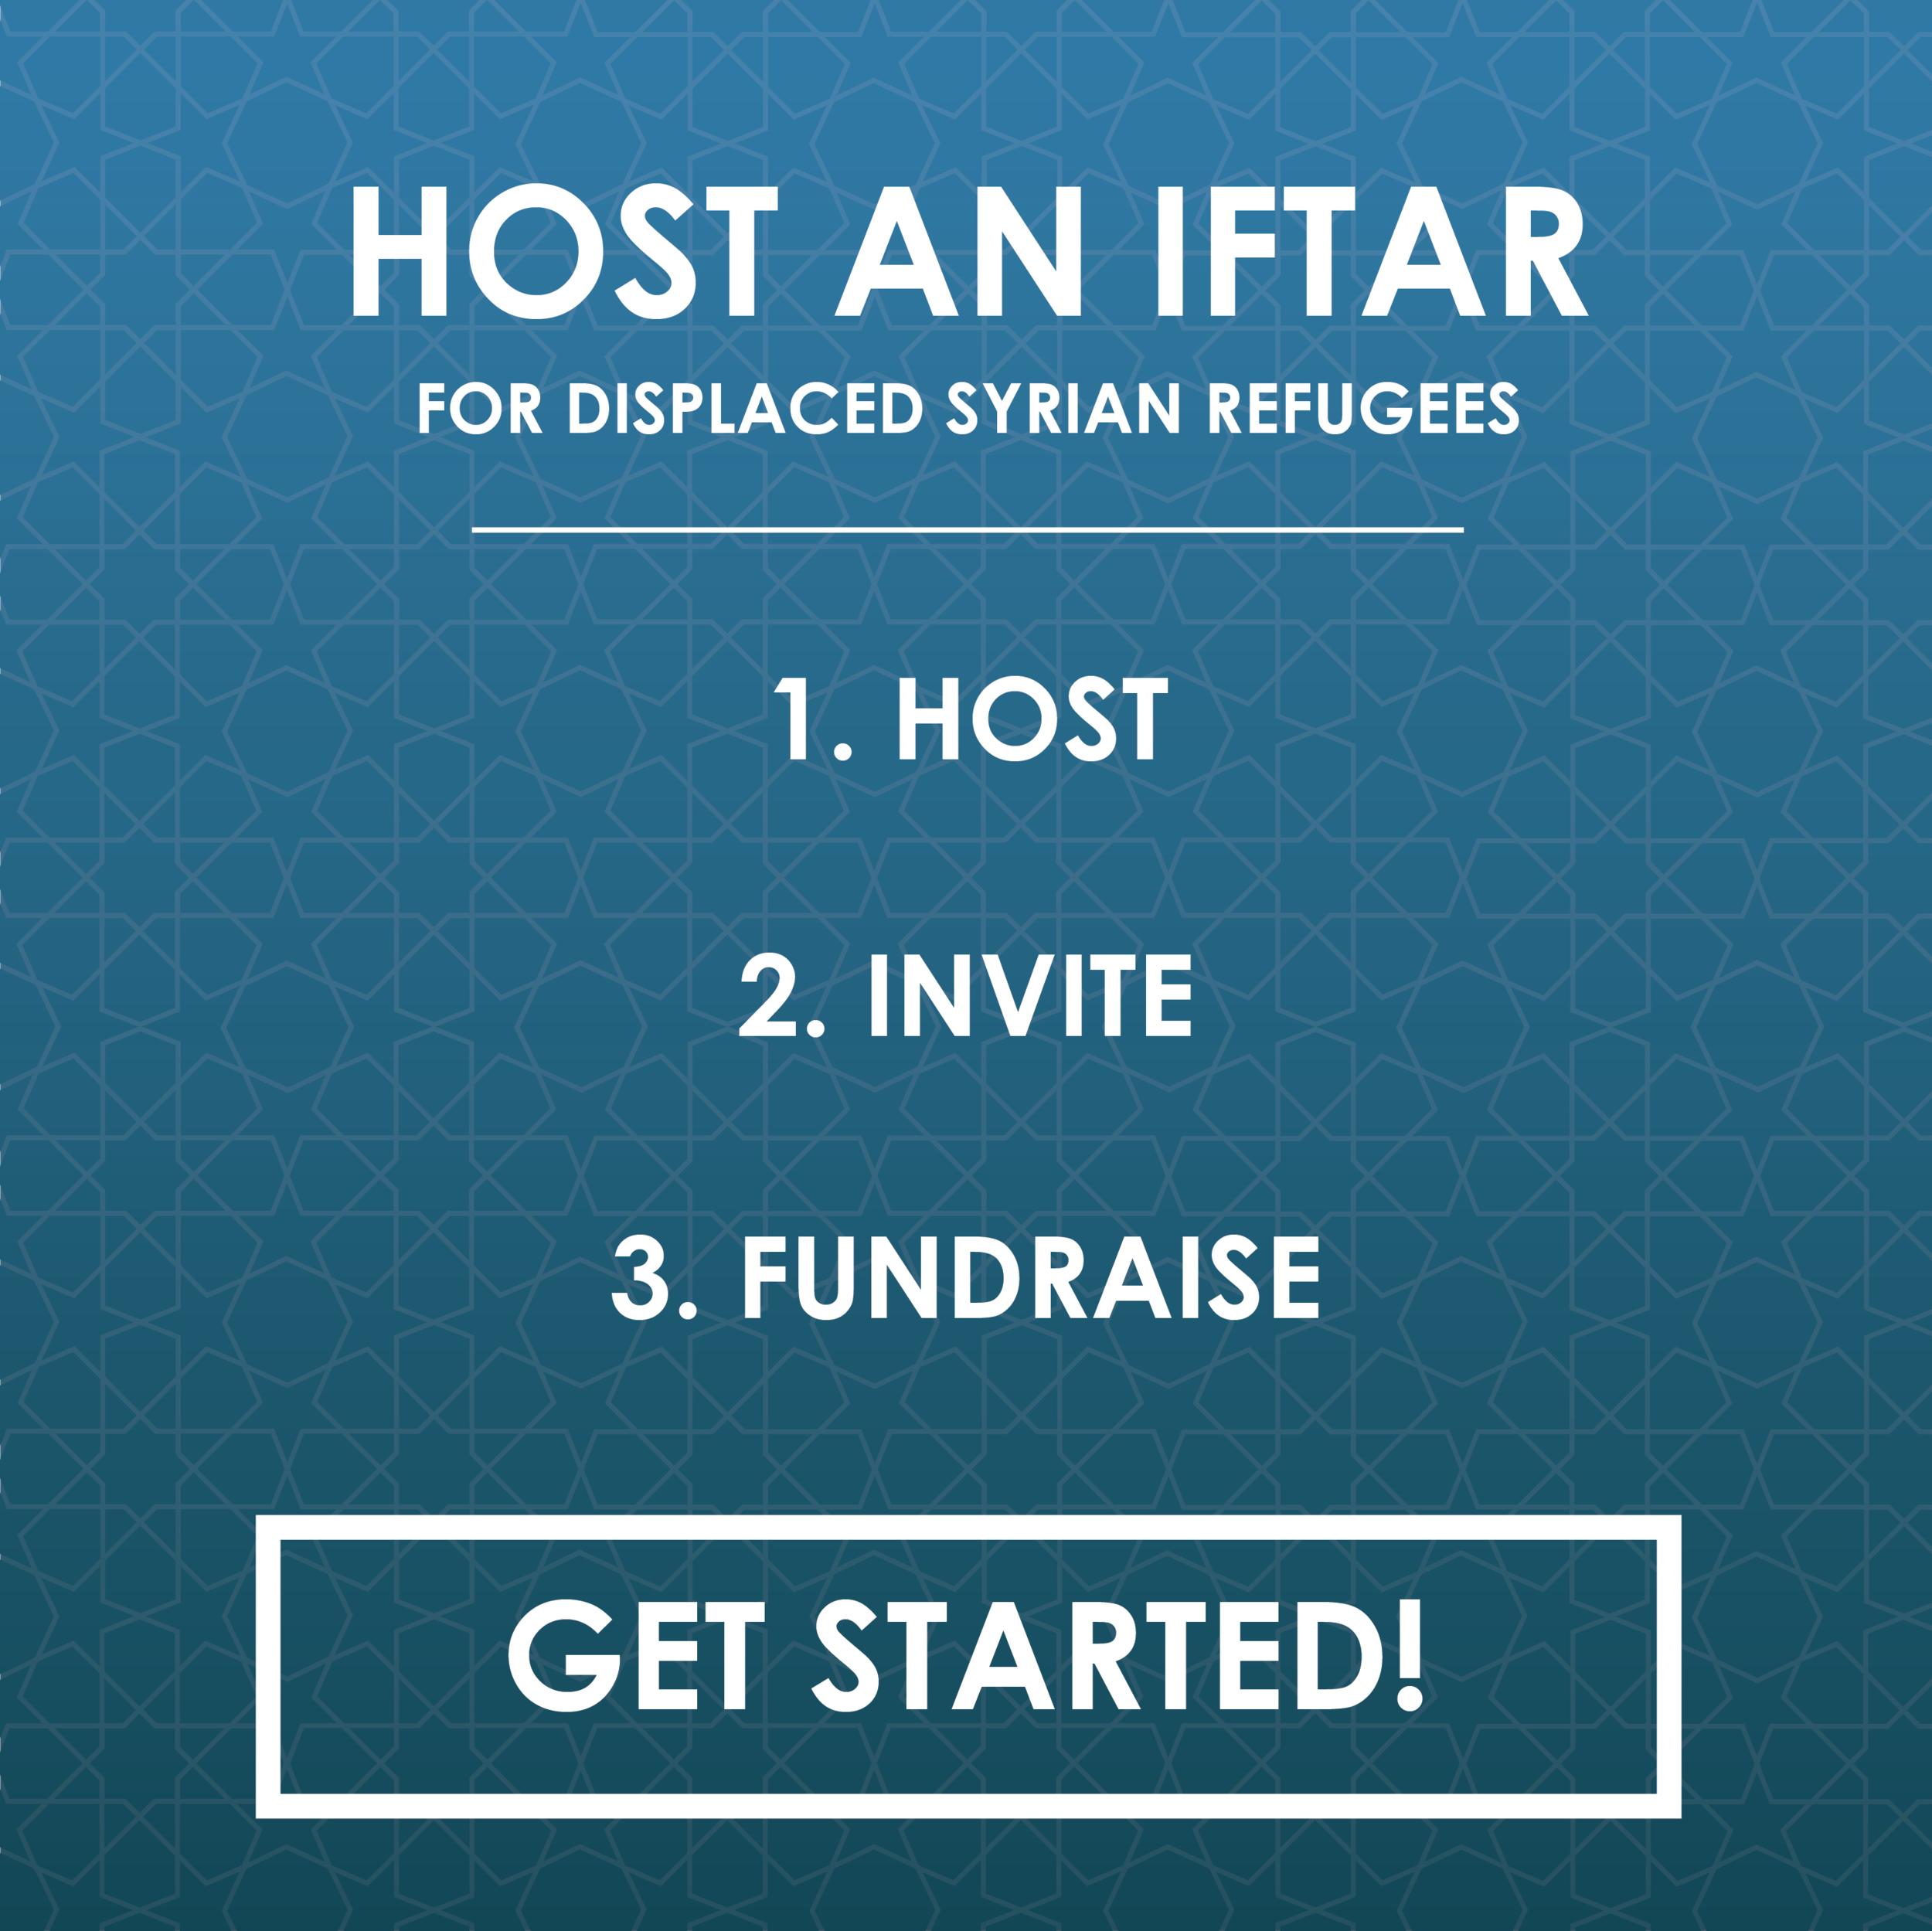 host an iftar-22.png